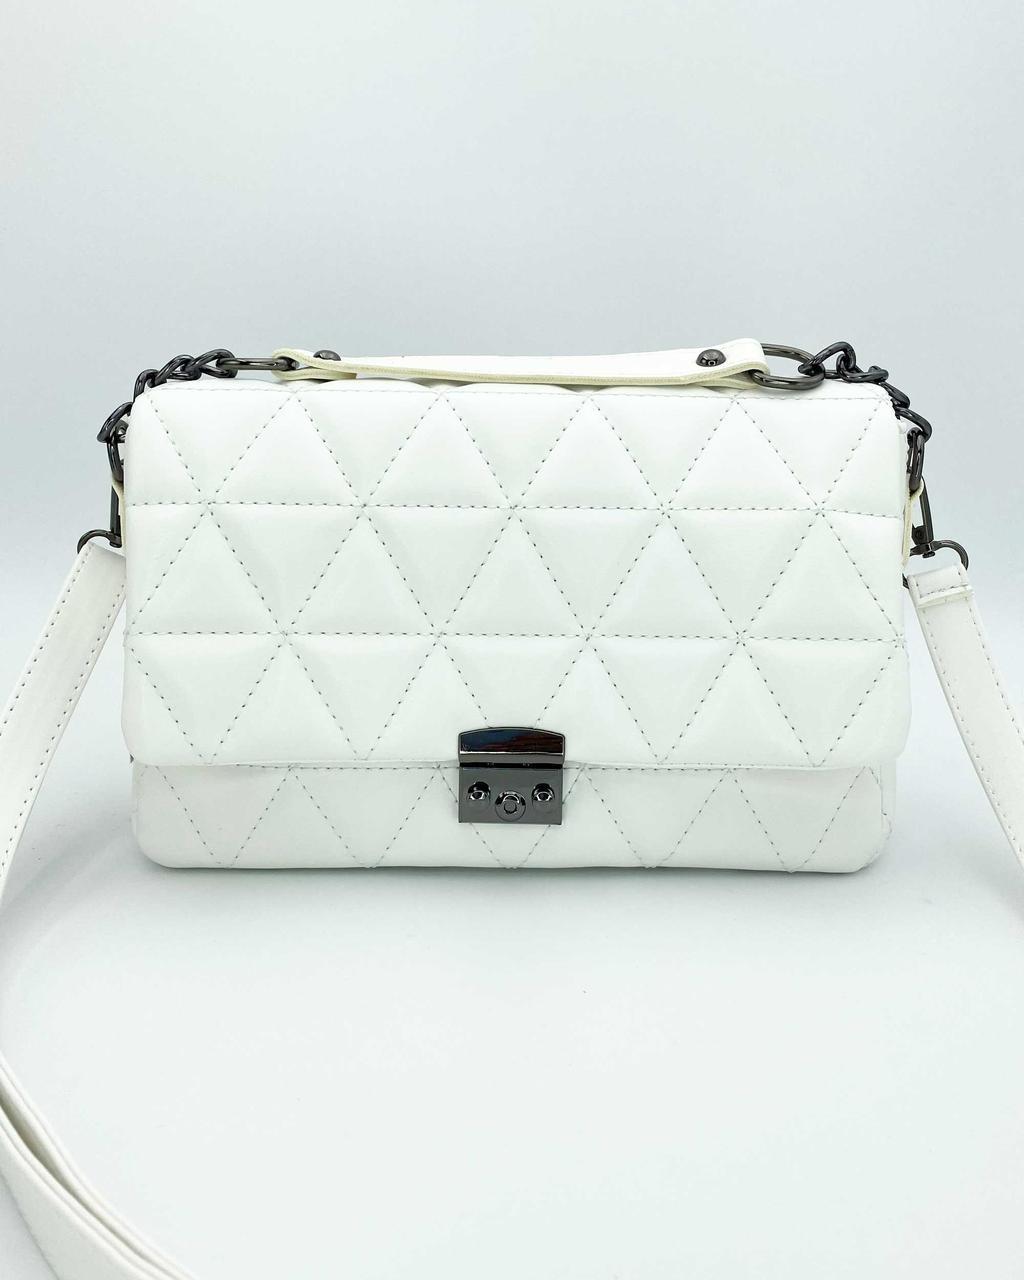 Сумочка белого цвета! Белая женская сумка мини кросс-боди 65600 клатч маленькая с ремешком через плечо